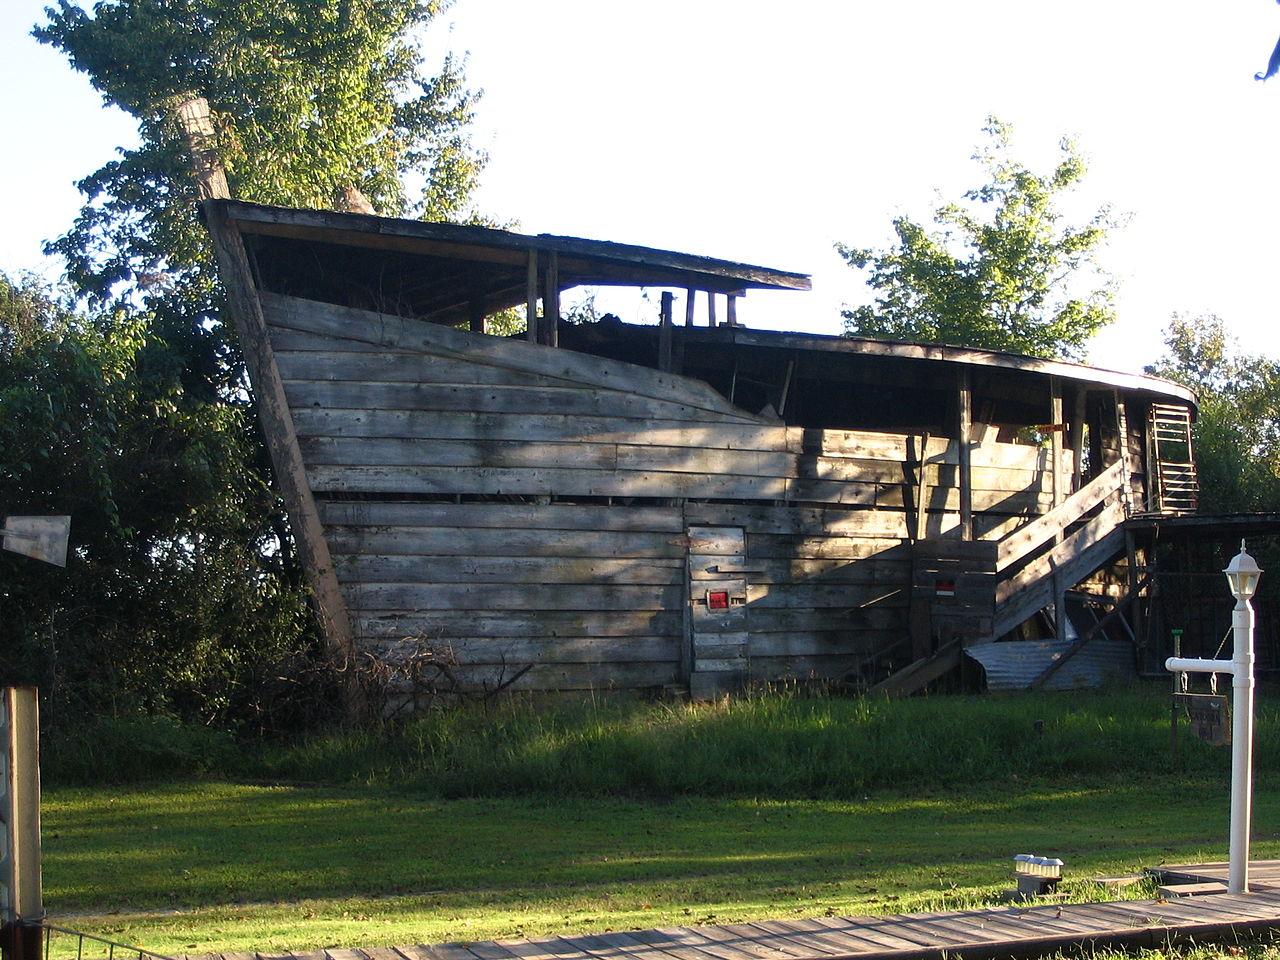 viaje ruta 66 la ballena azul de catoosa